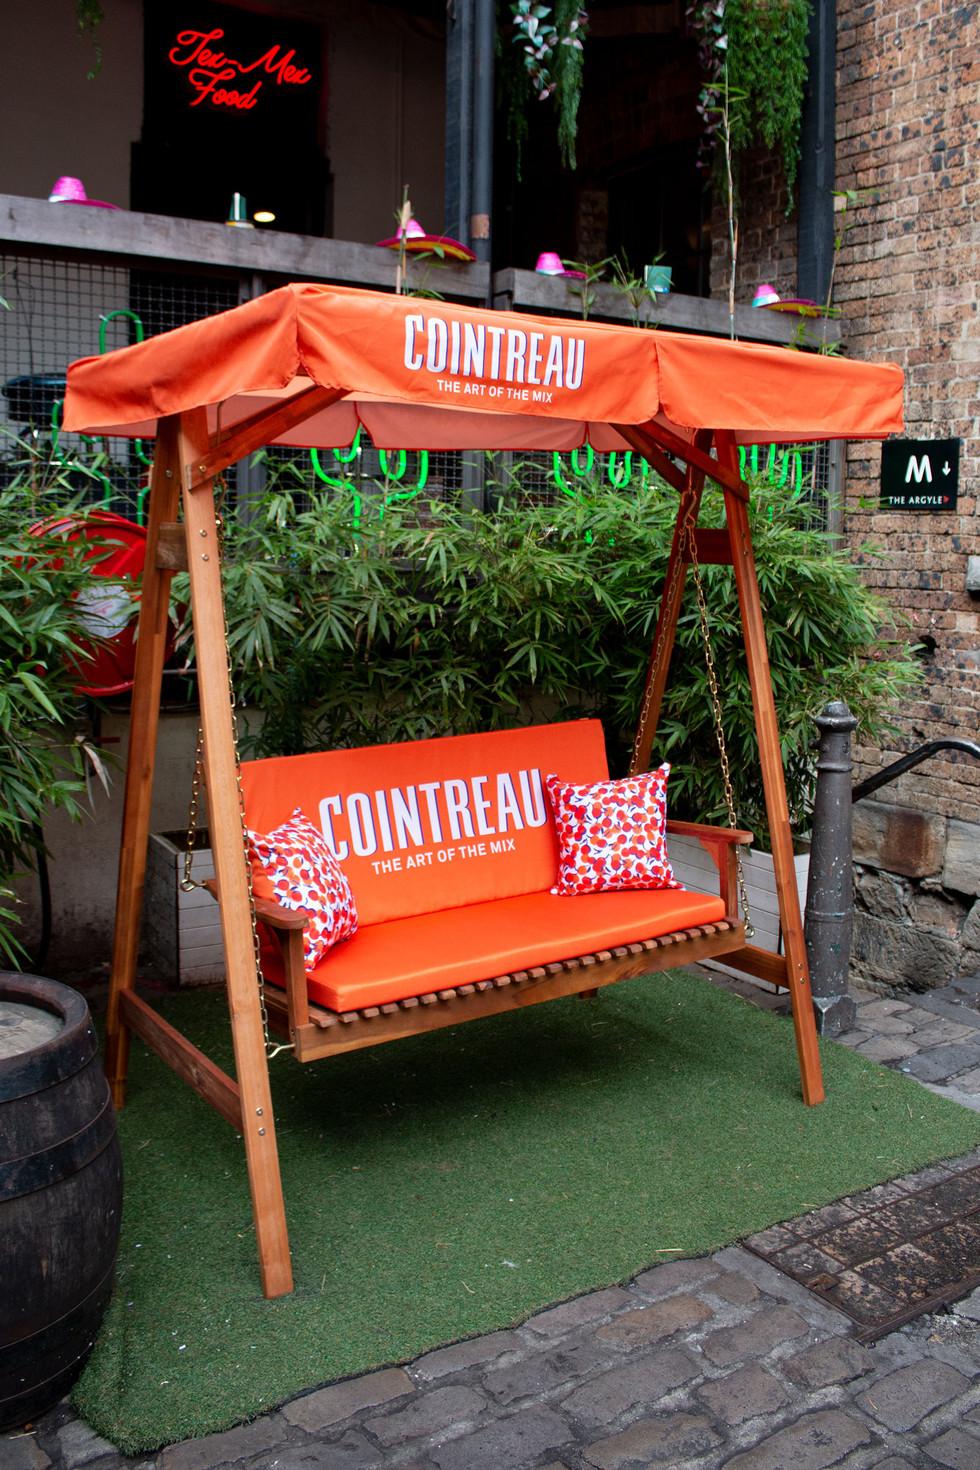 cointreau-porch-swing.jpg